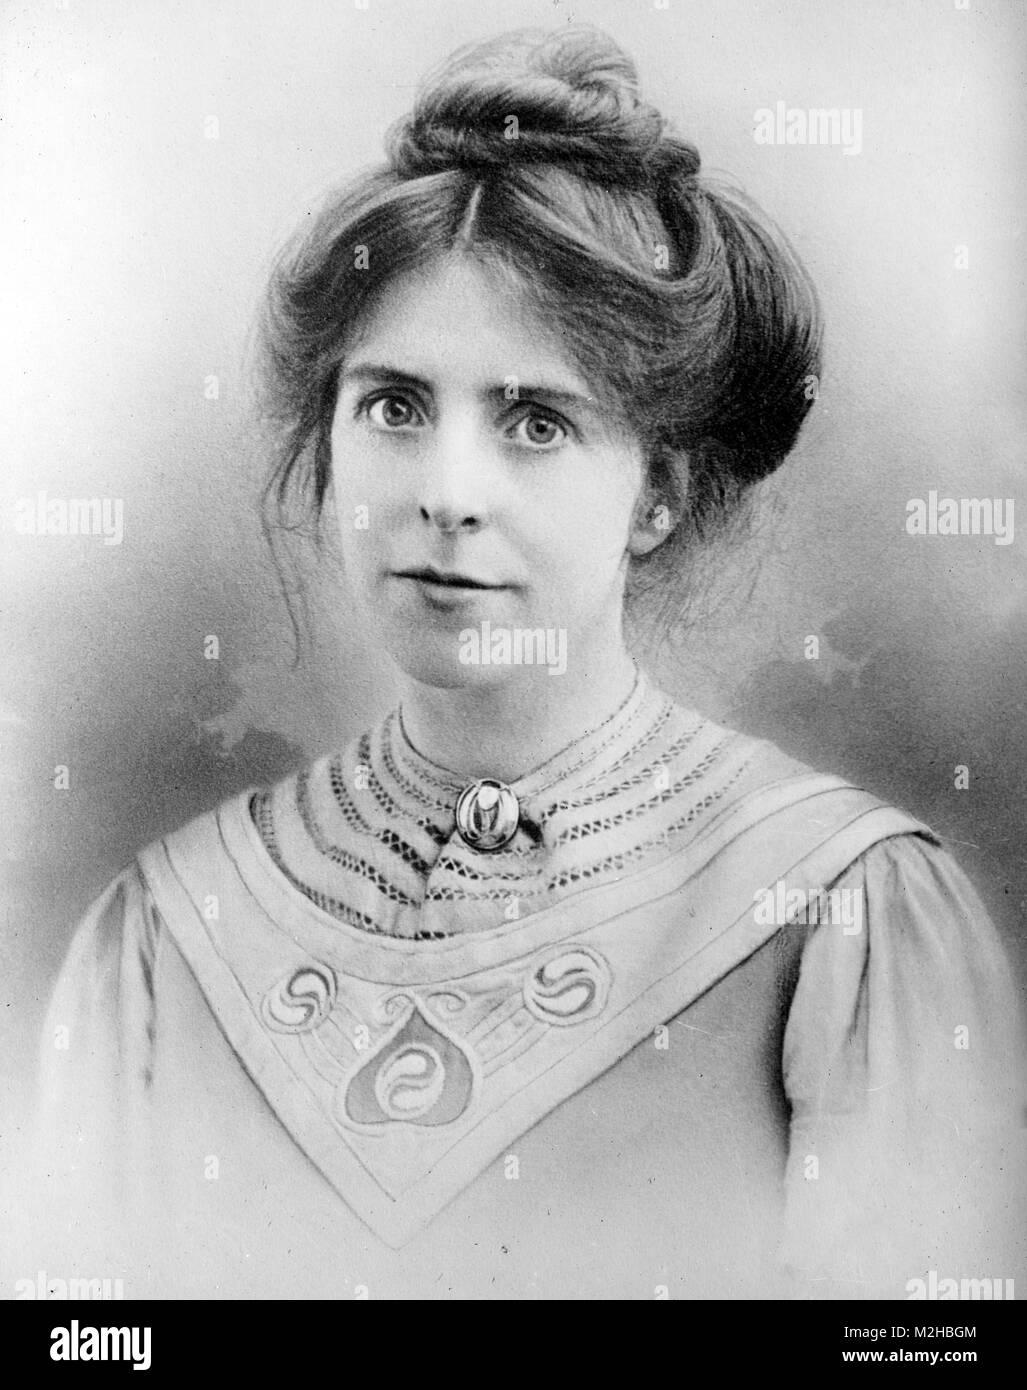 Annie Kenney (1879 - 1953) de la classe ouvrière anglaise qui est devenu des suffragettes une figure de premier plan de l'Union sociale et politique Banque D'Images